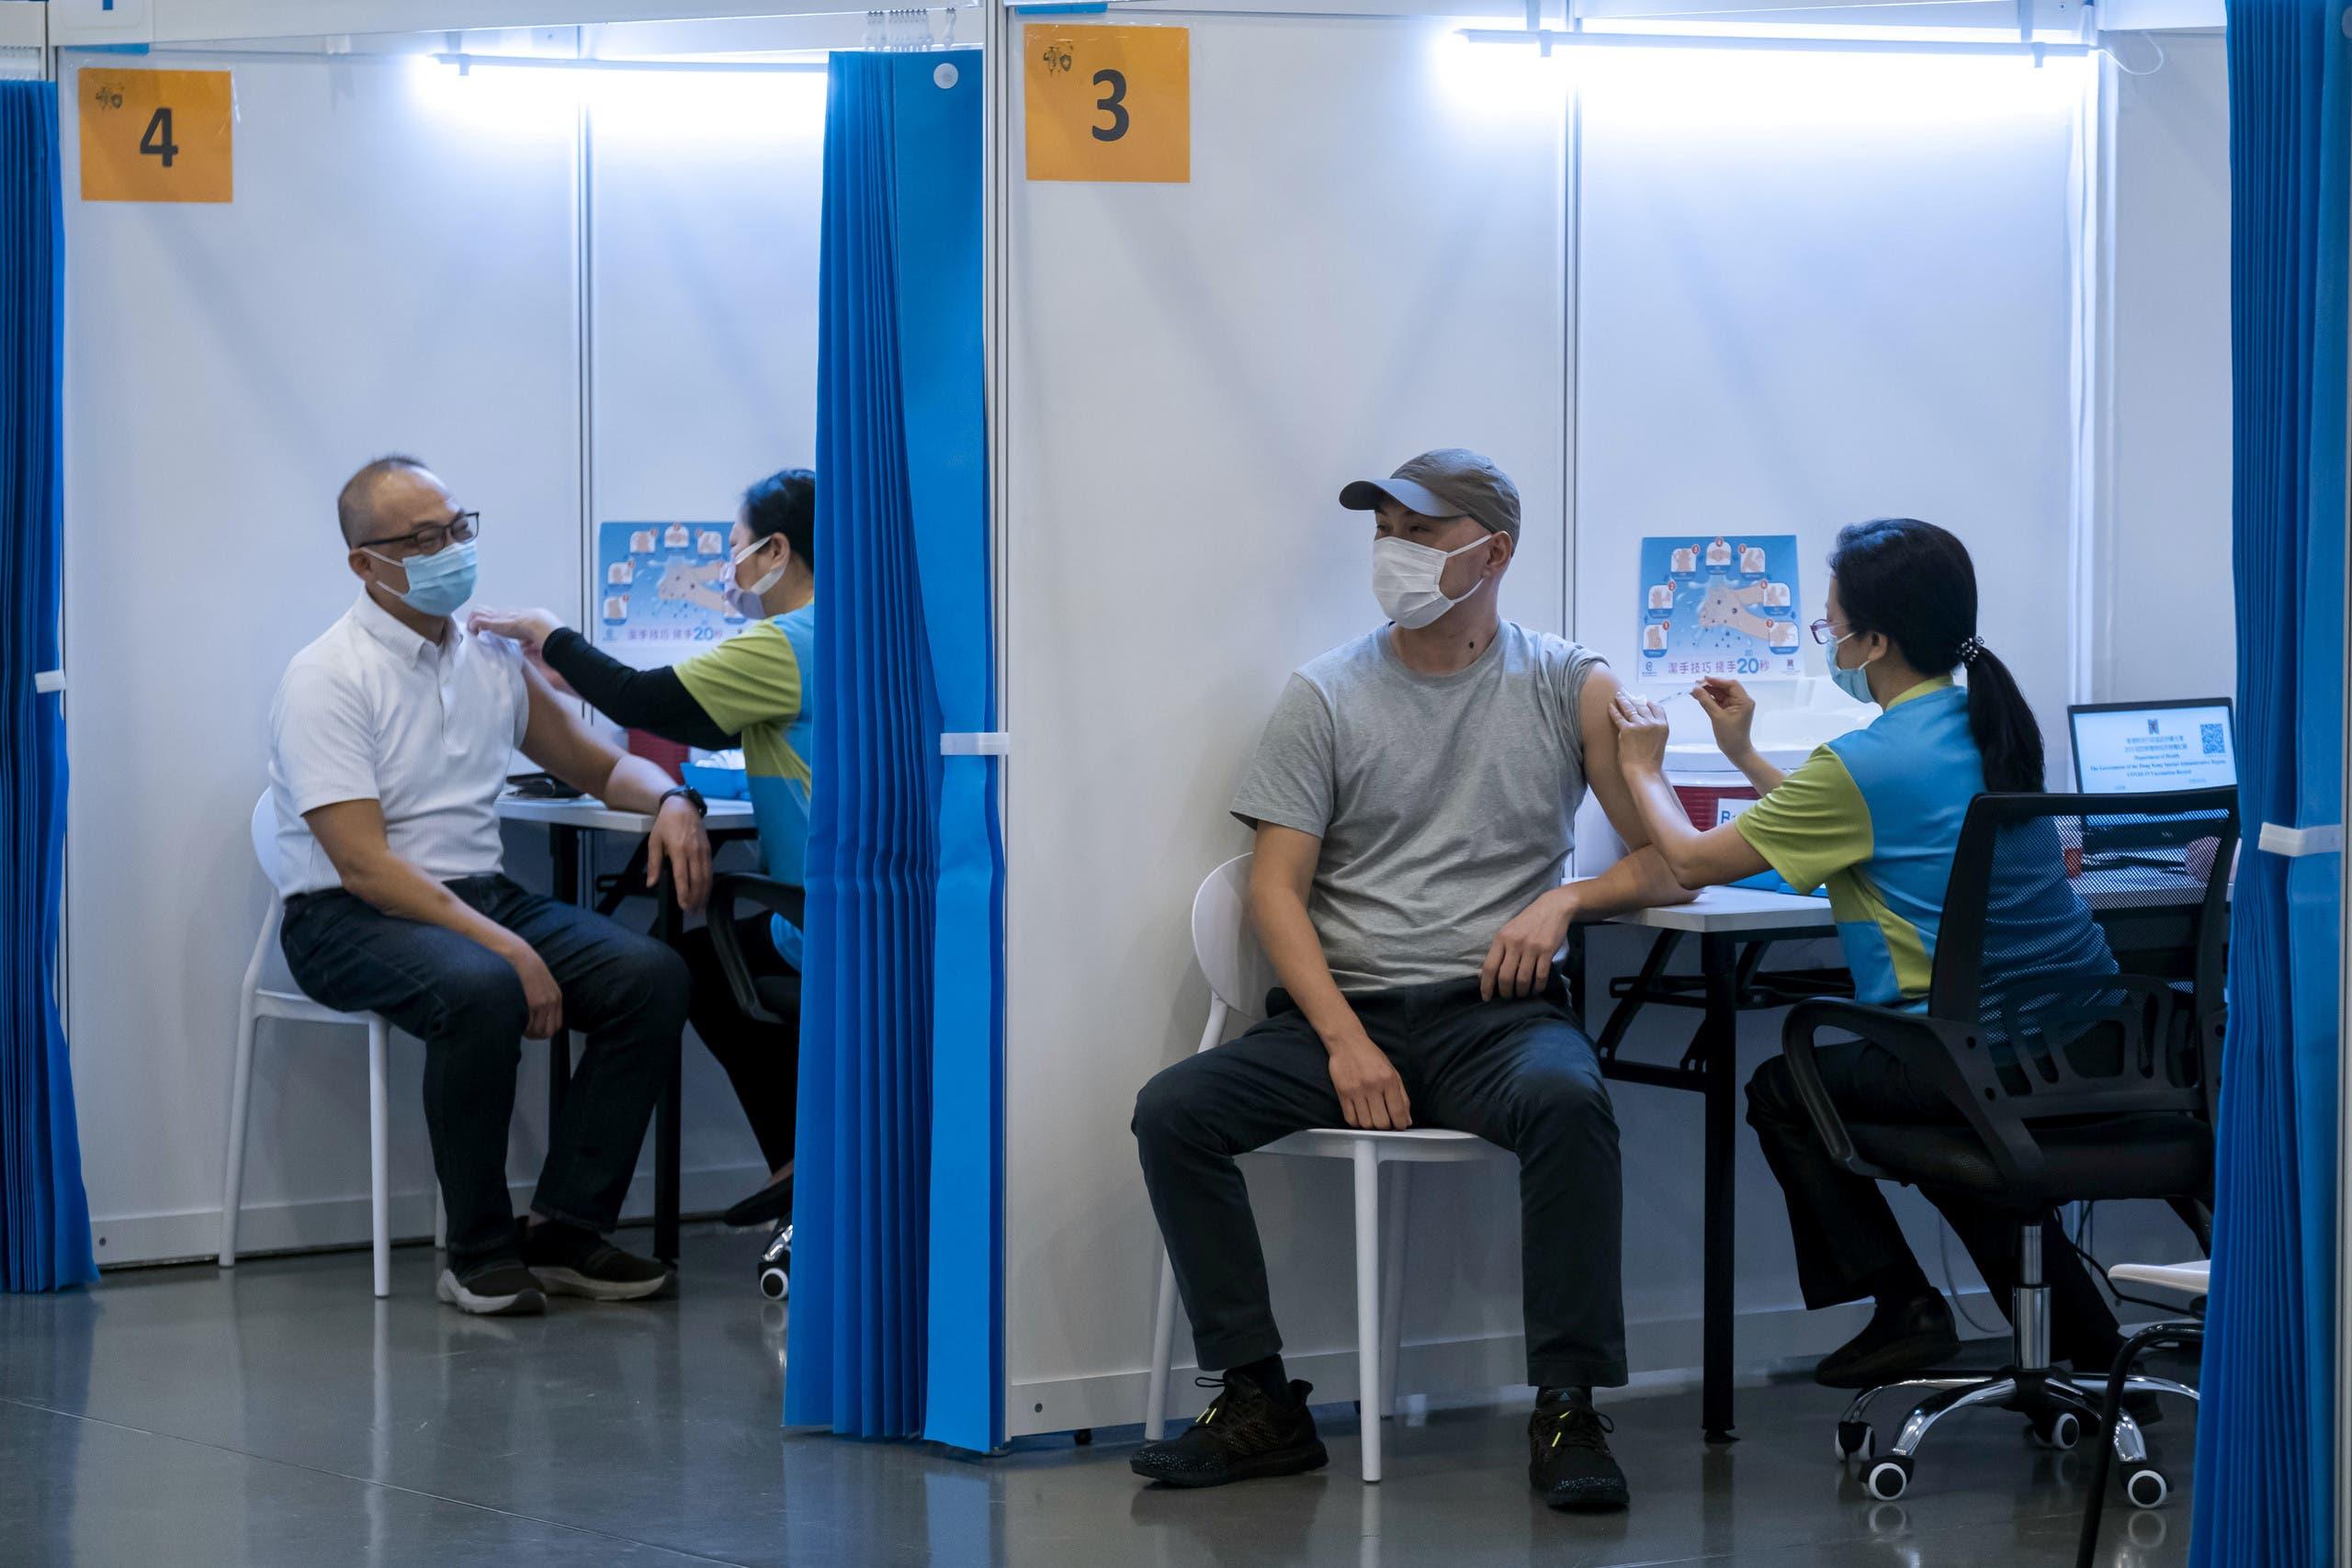 من حملة التطعيم ضد كورونا في هونغ كونغ